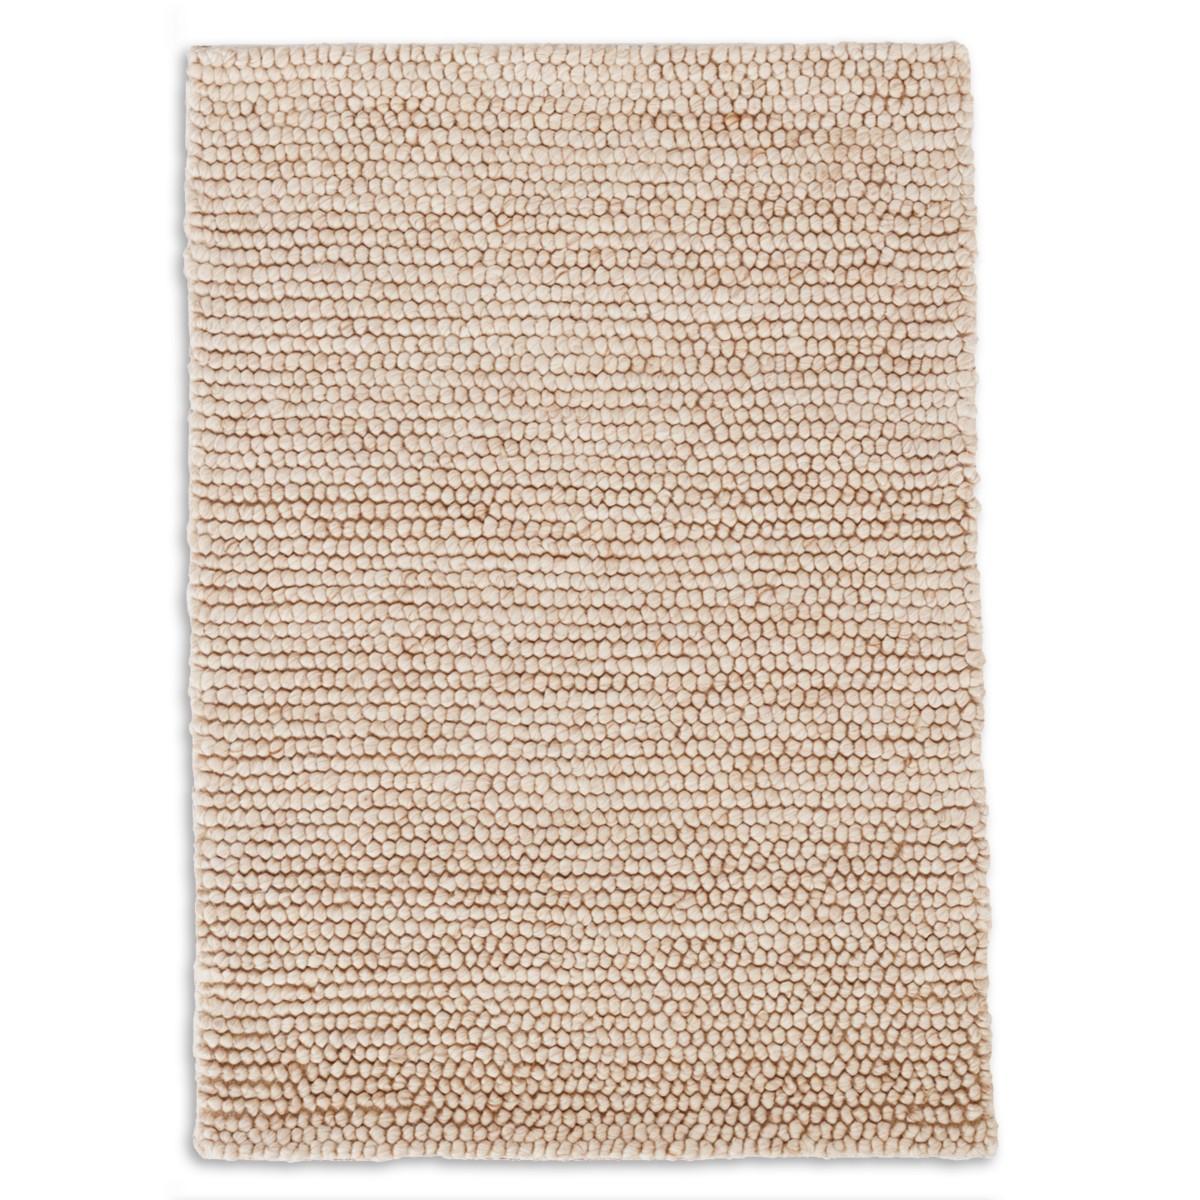 Niels Woven Wool/Viscose Rug - Latte